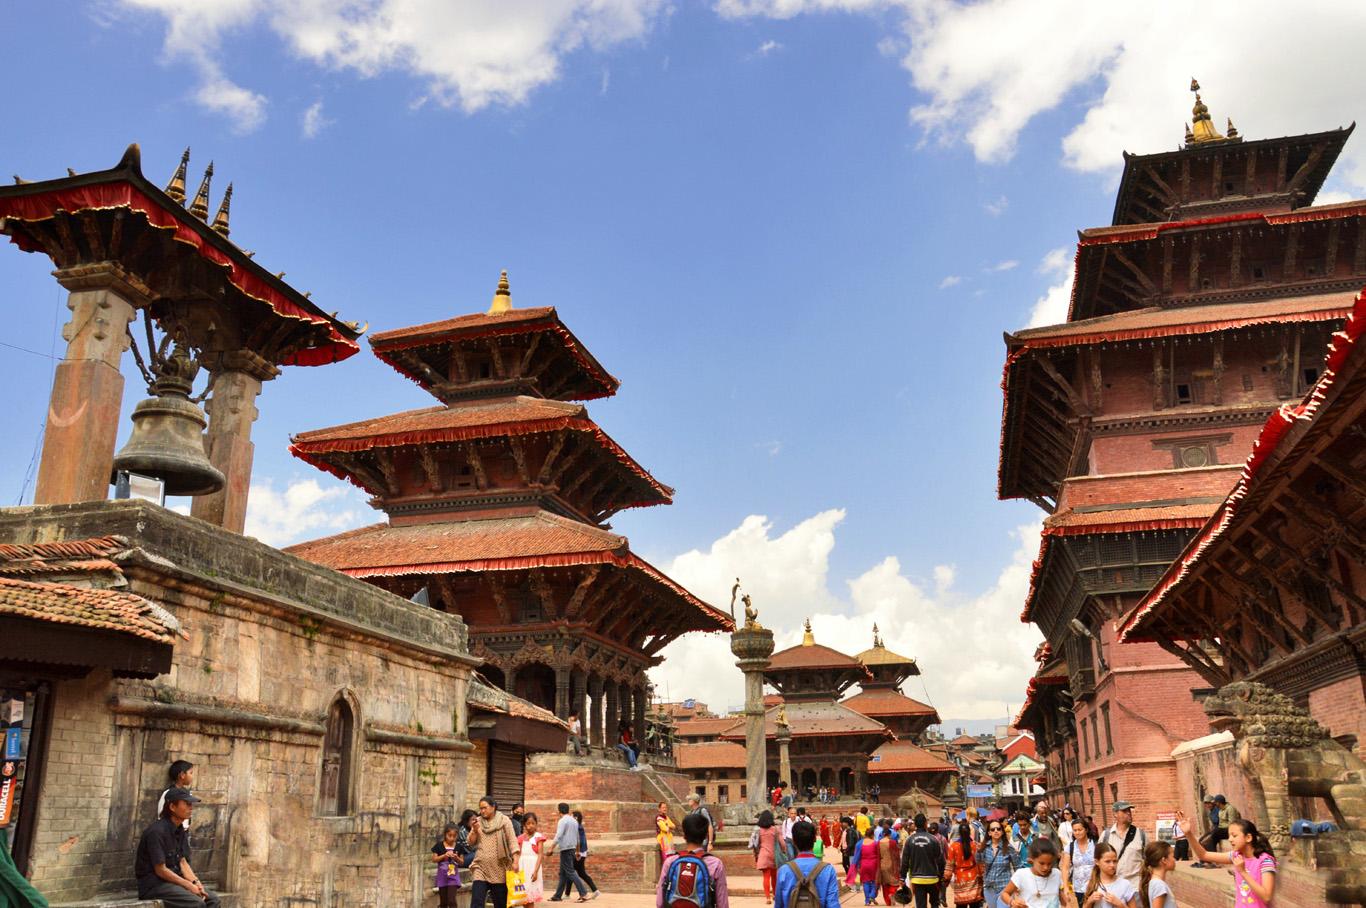 Patan Durbar Square - Bhimsen Mandir Temple